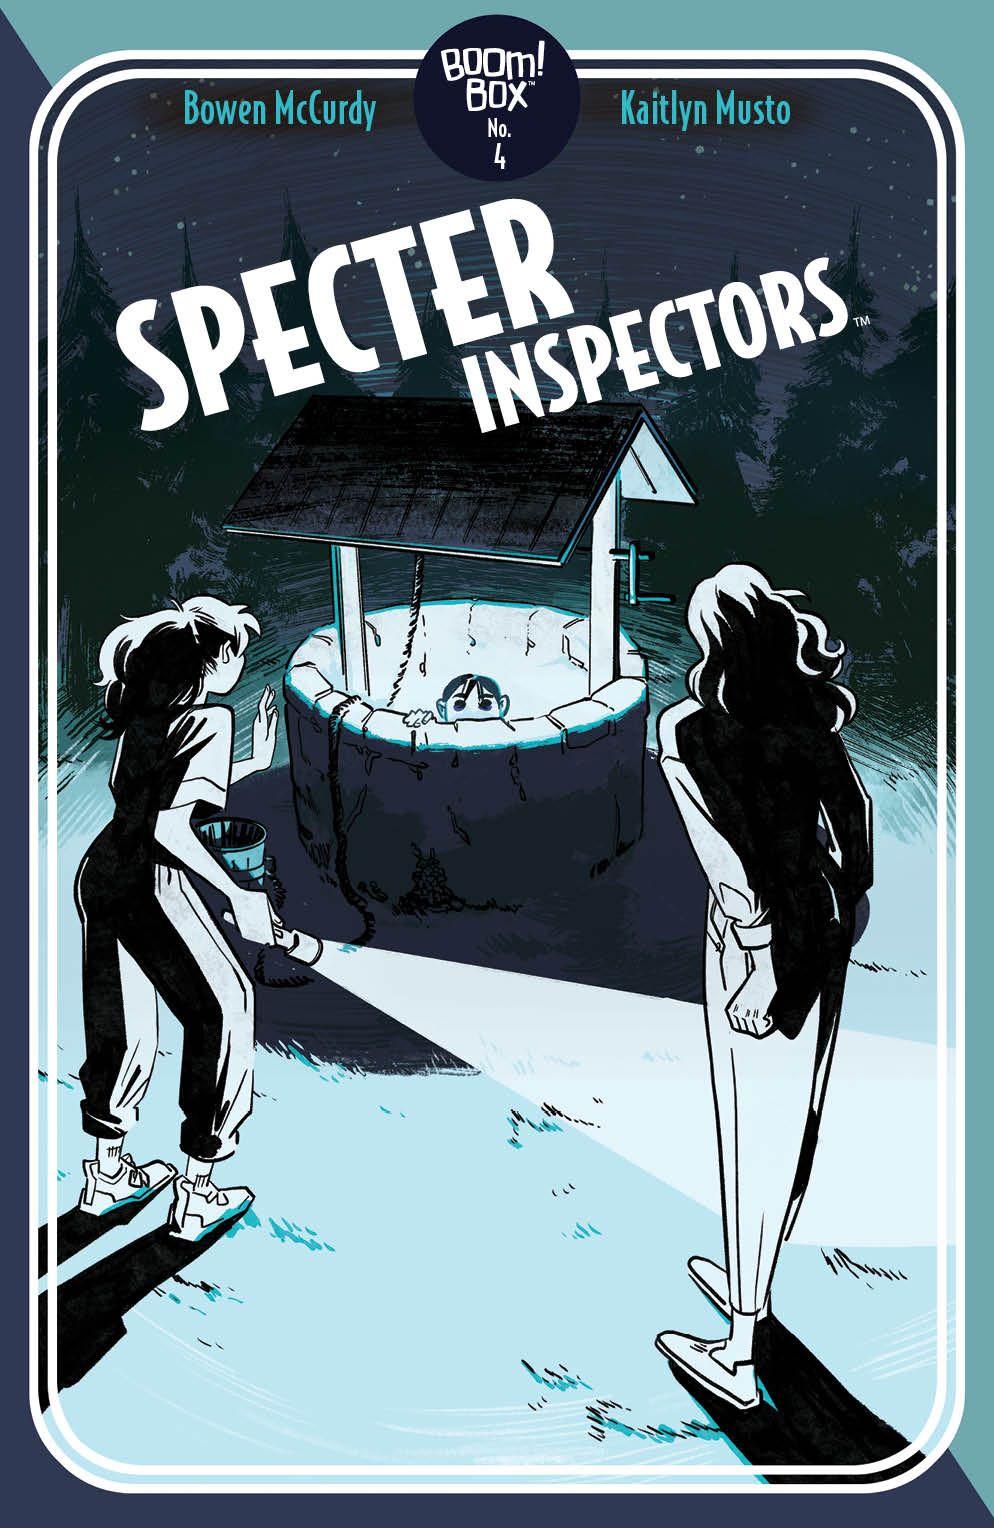 SpecterInspectors_004_Cover_B_Pocketbook ComicList Previews: SPECTER INSPECTORS #4 (OF 5)